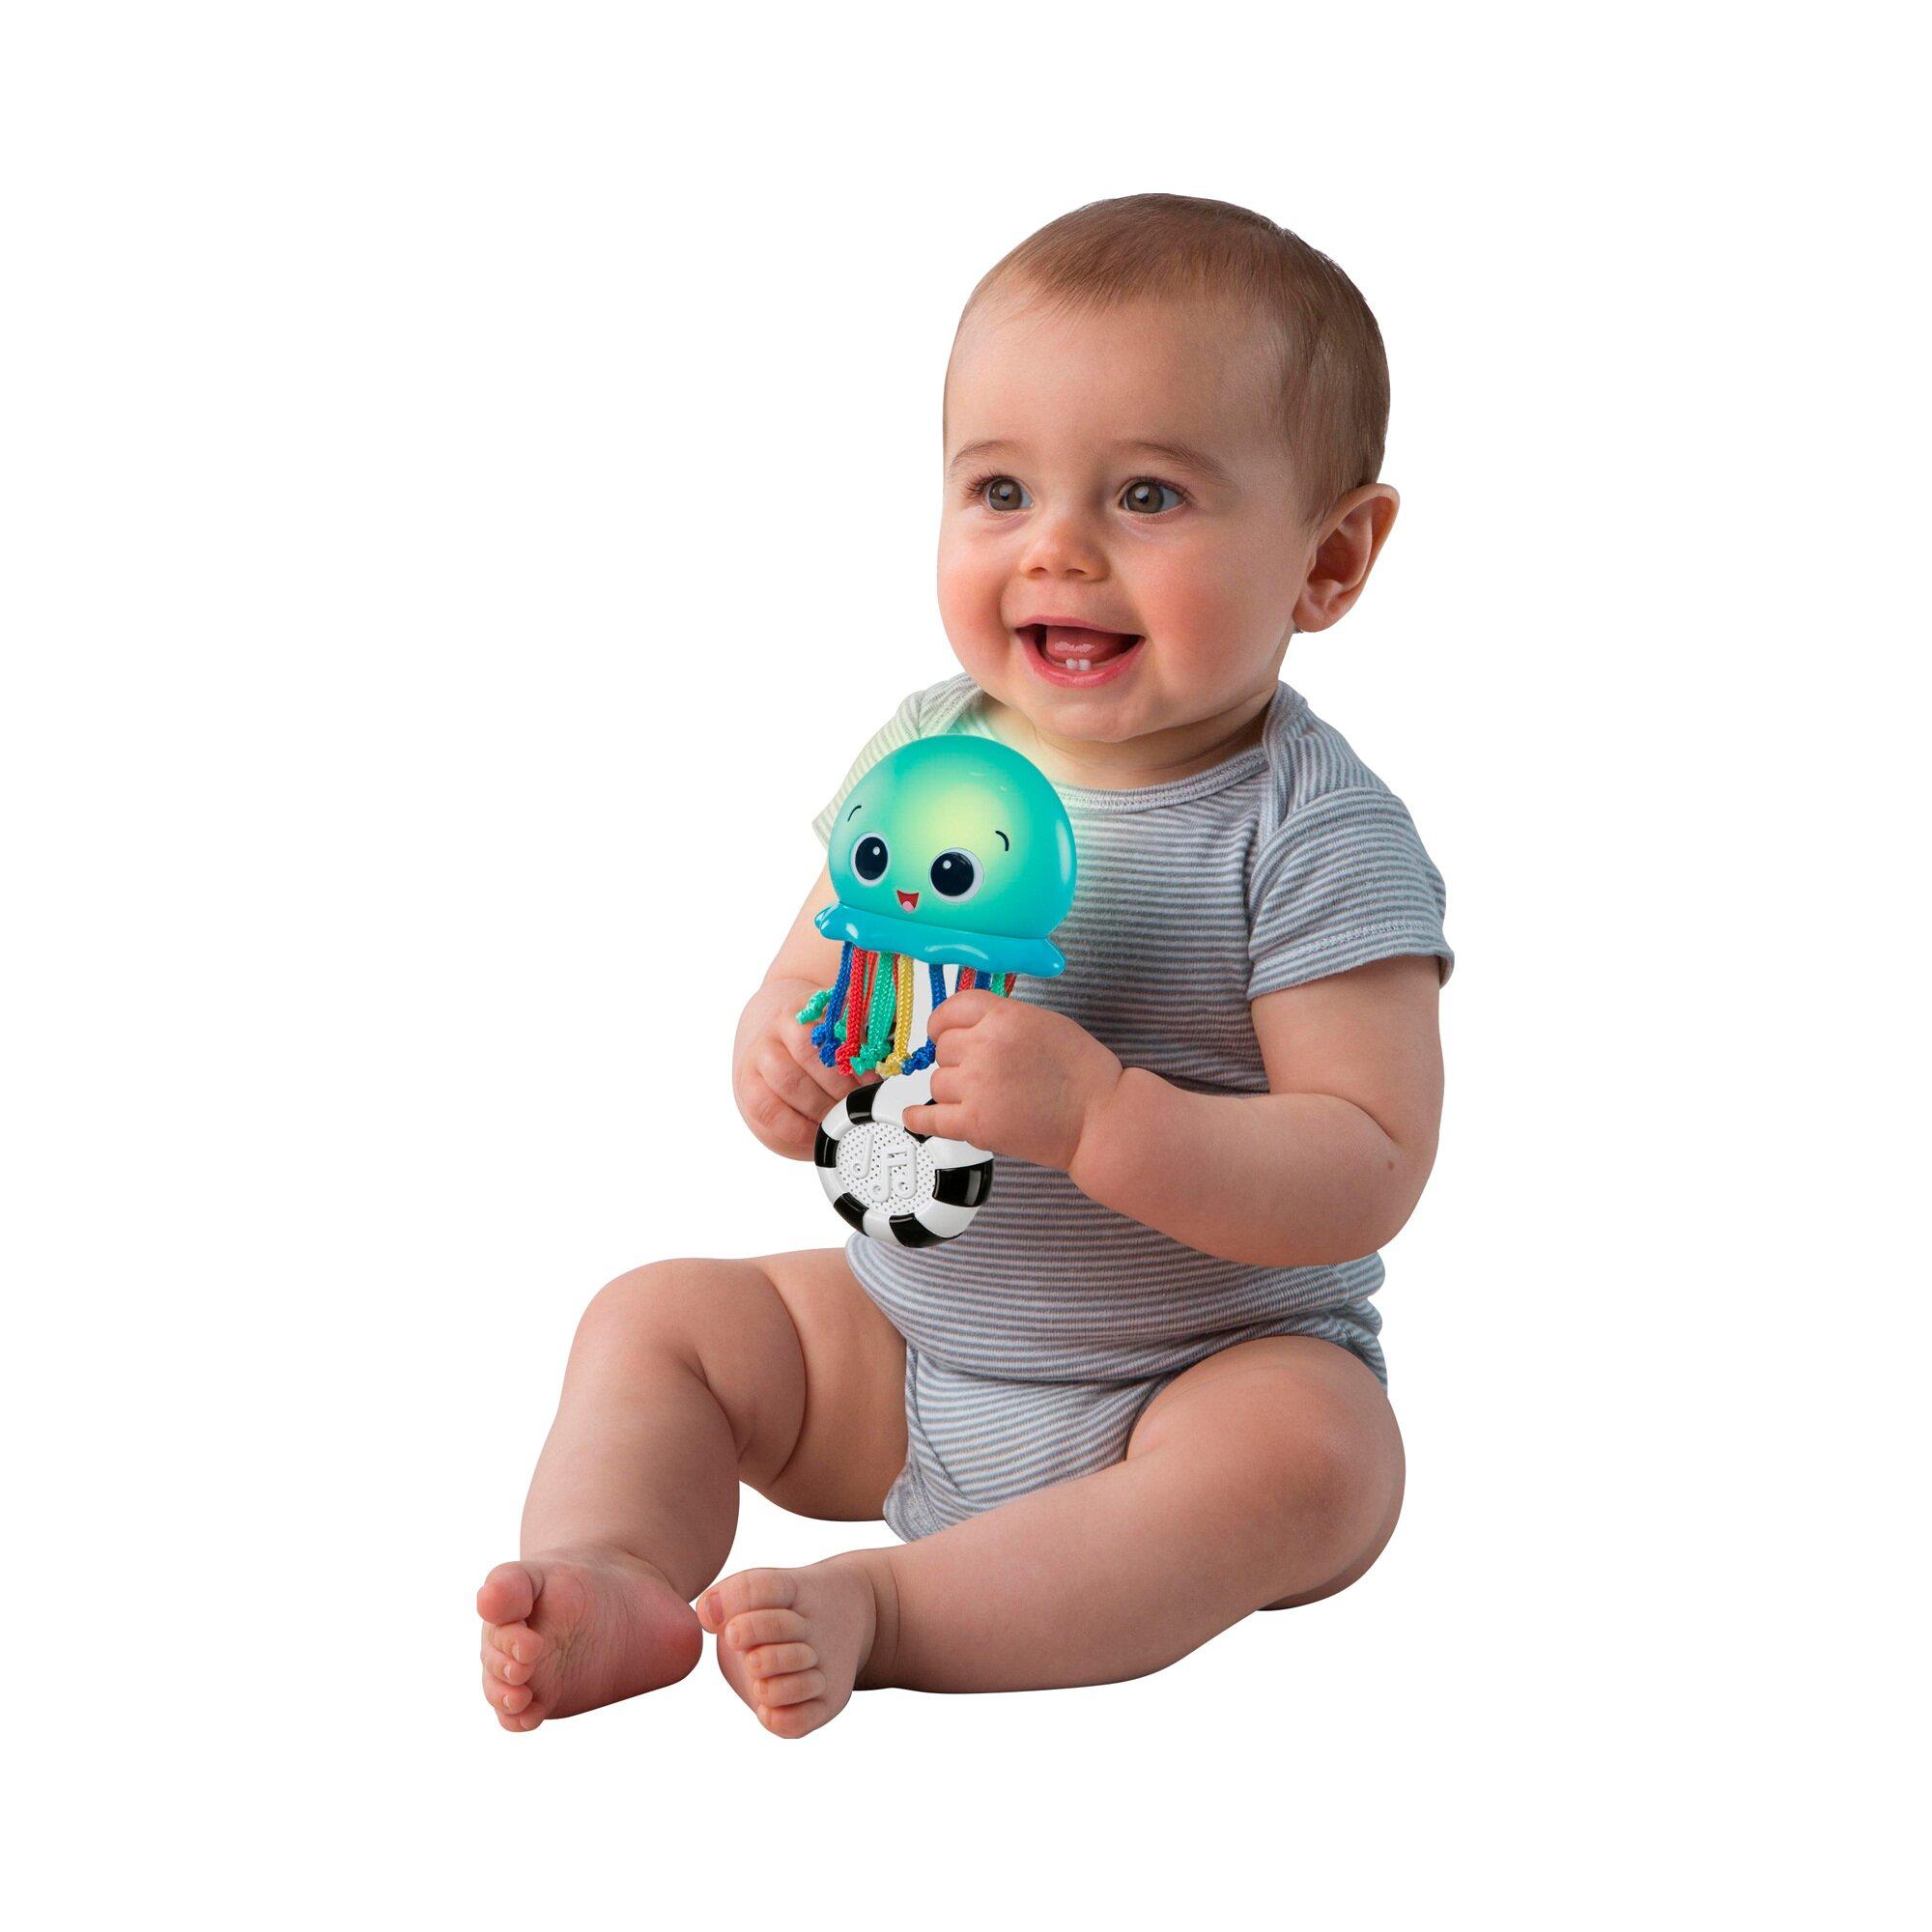 baby-einstein-musikspielzeug-leuchtender-tintenfisch-ocean-glow-sensory-shaker-